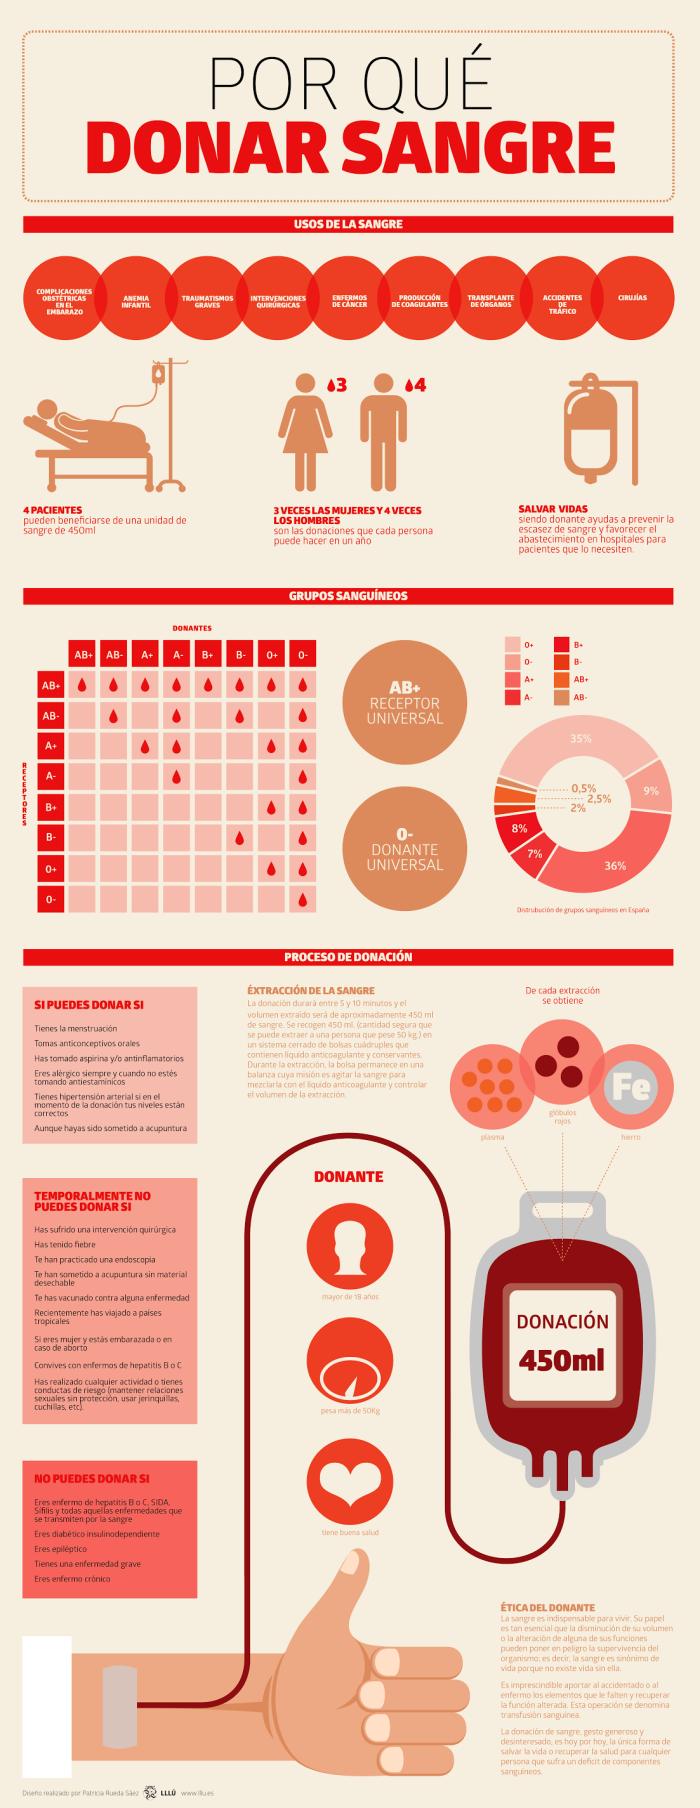 Por qué donar sangre #infografia